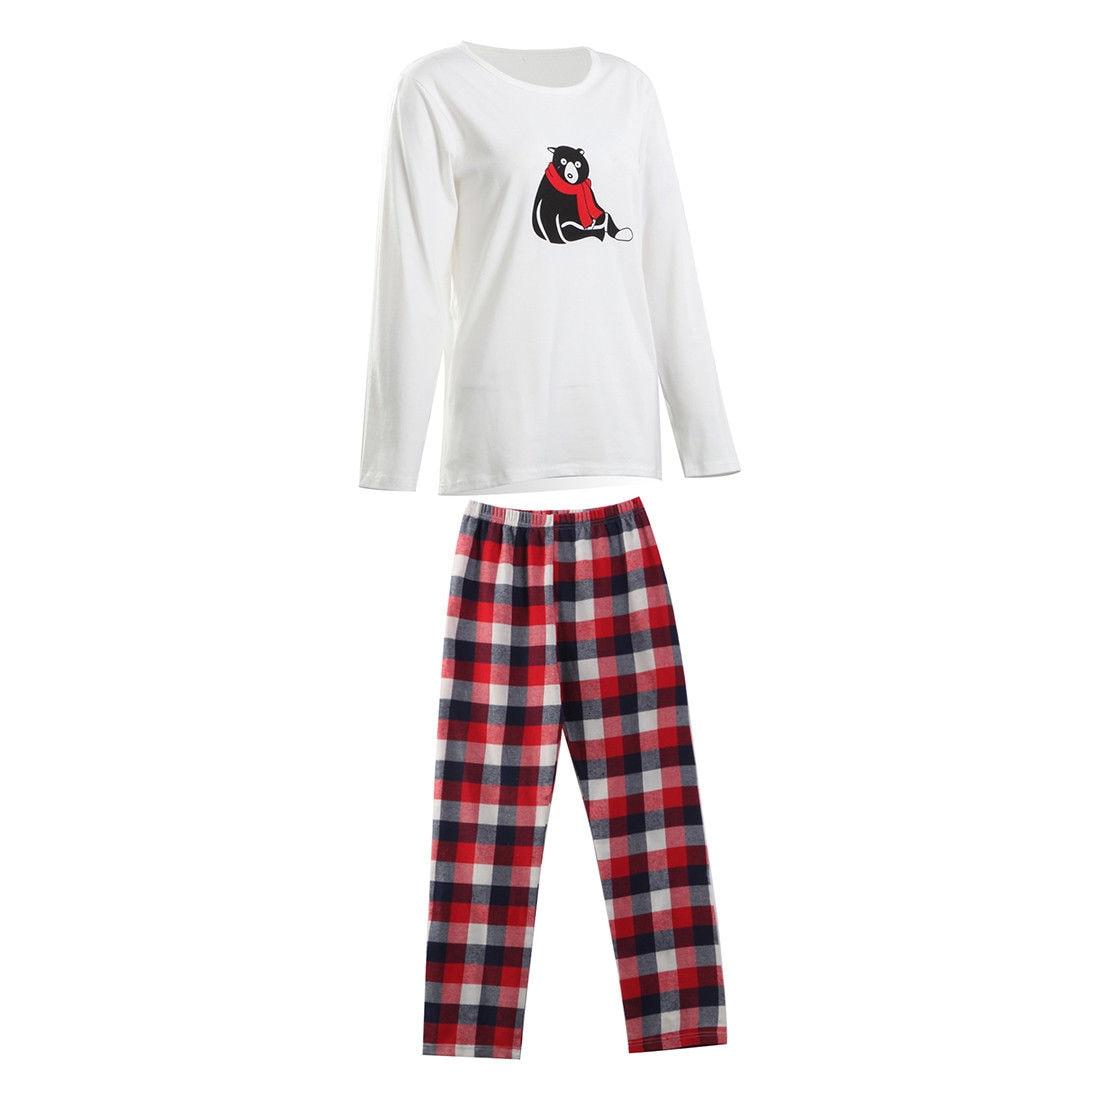 2017 Brand New Christmas Santa Claus Family Matching Pajamas Set Sleepwear Nightwear Pyjamas